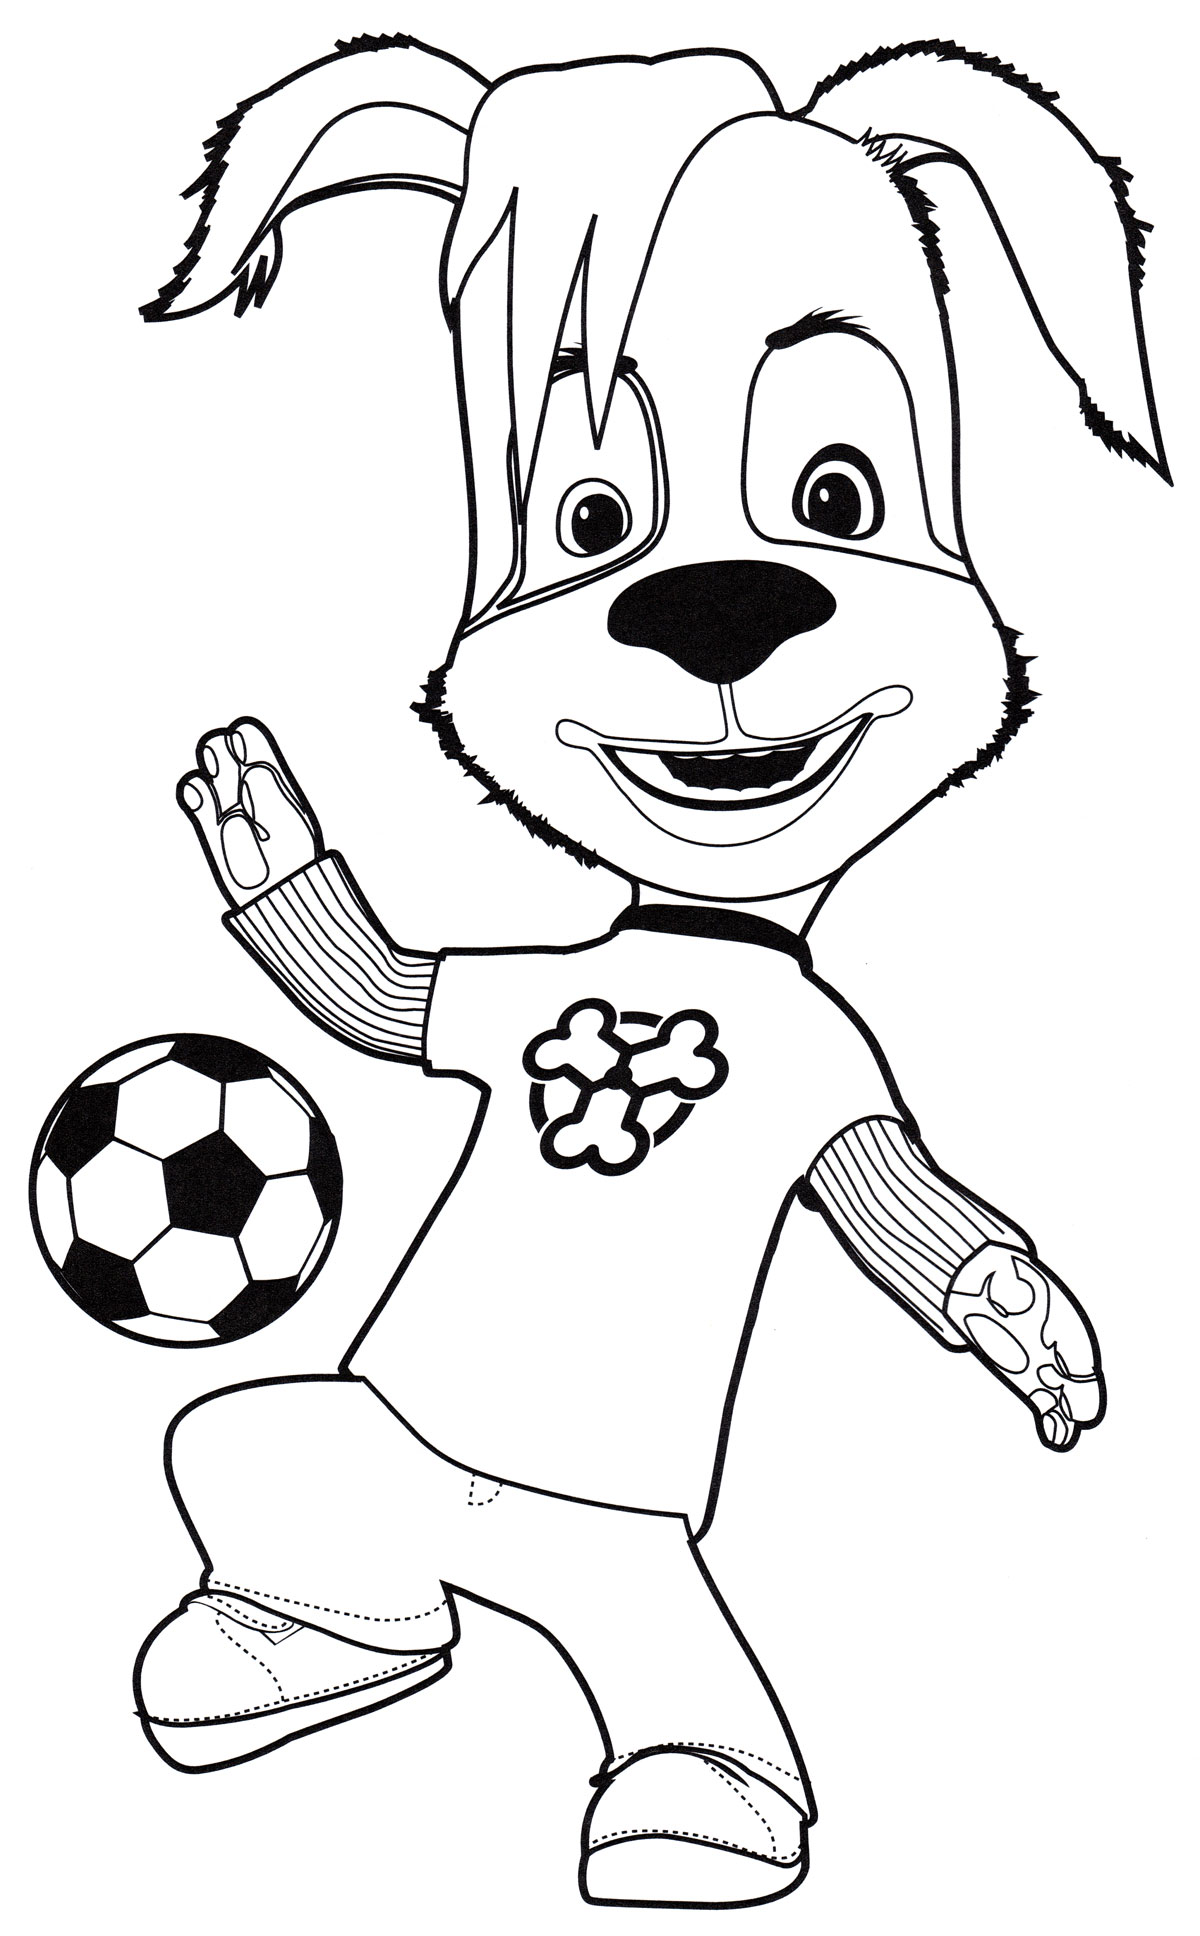 Раскраска Дружок с мячом | Раскраски Барбоскины